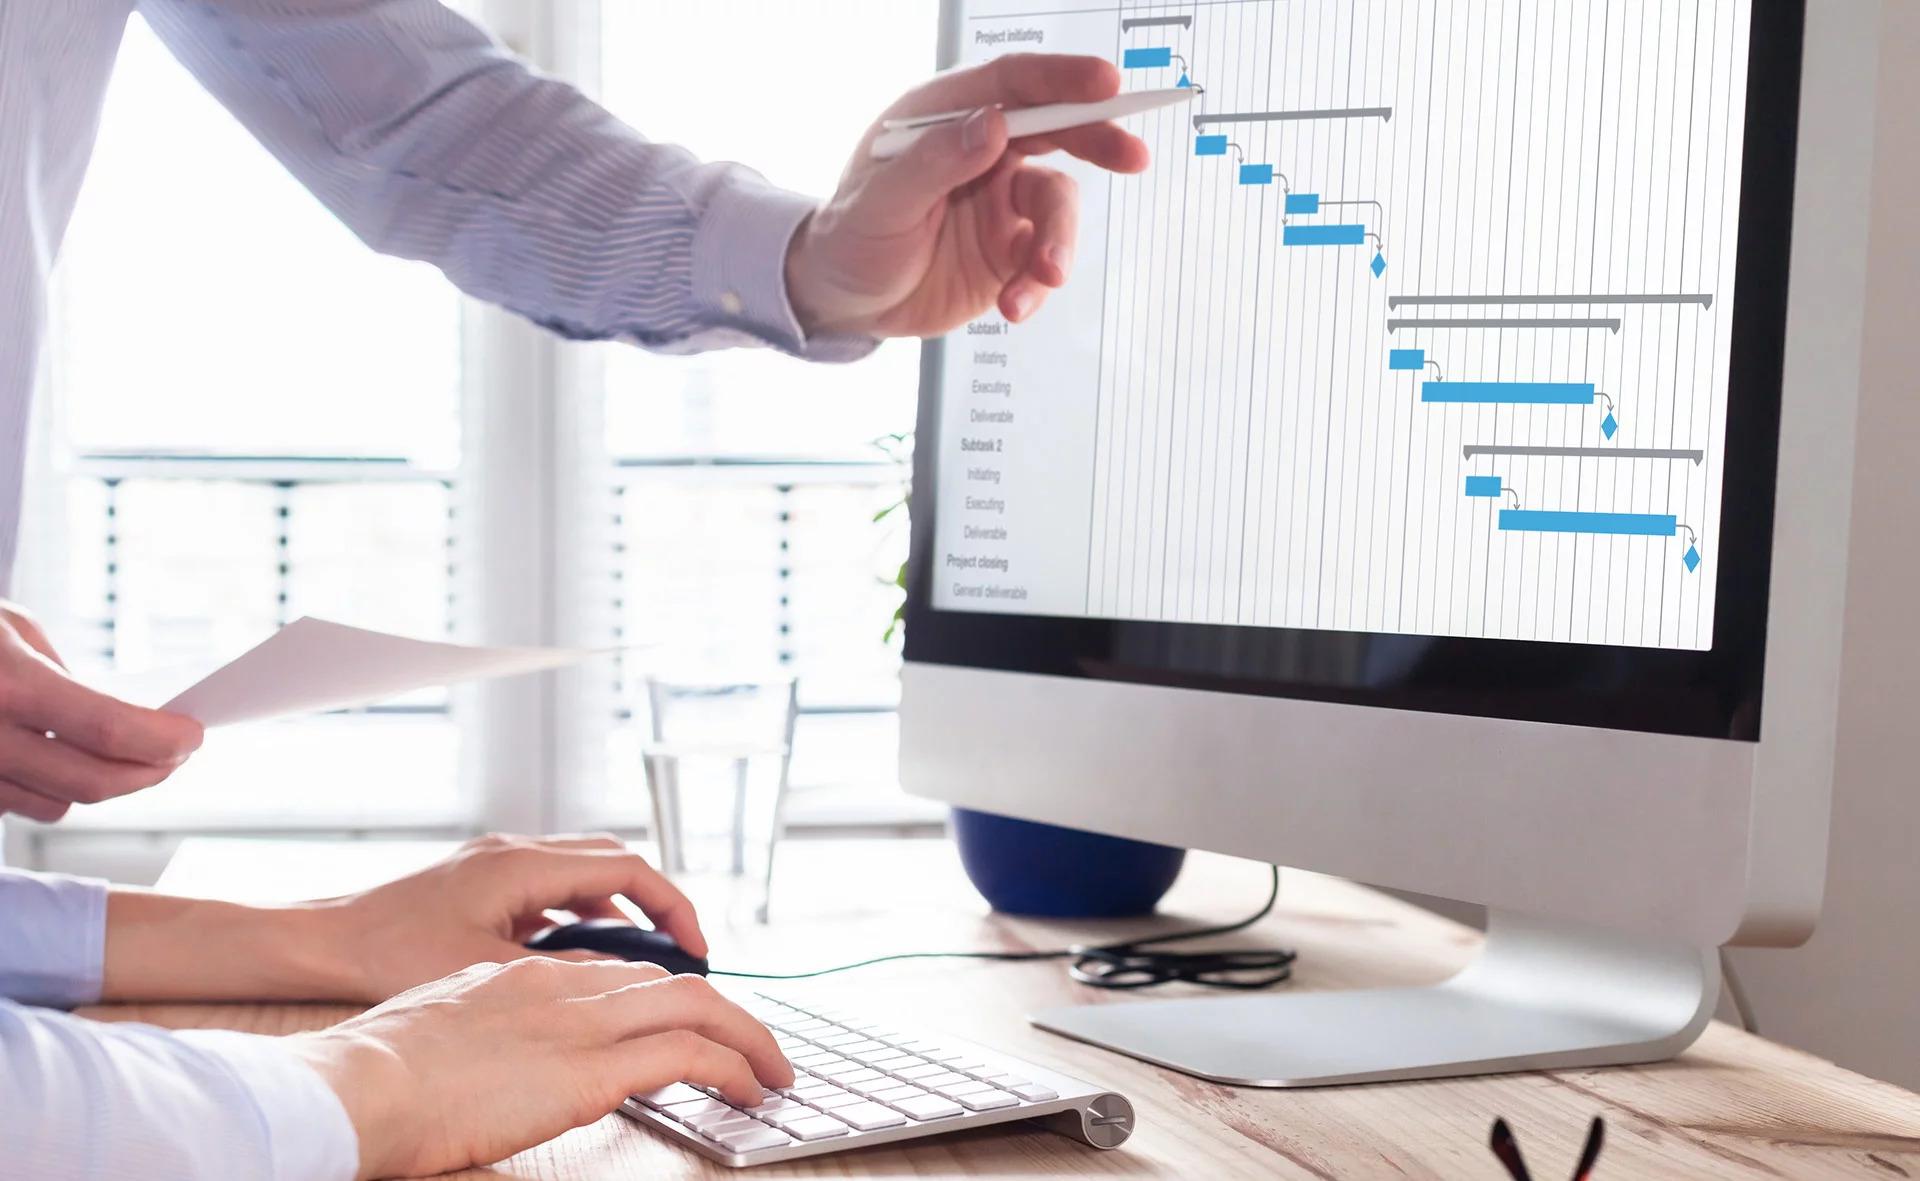 Cum te ajută un soft de salarizare să fii la zi cu legislația muncii și normele GDPR